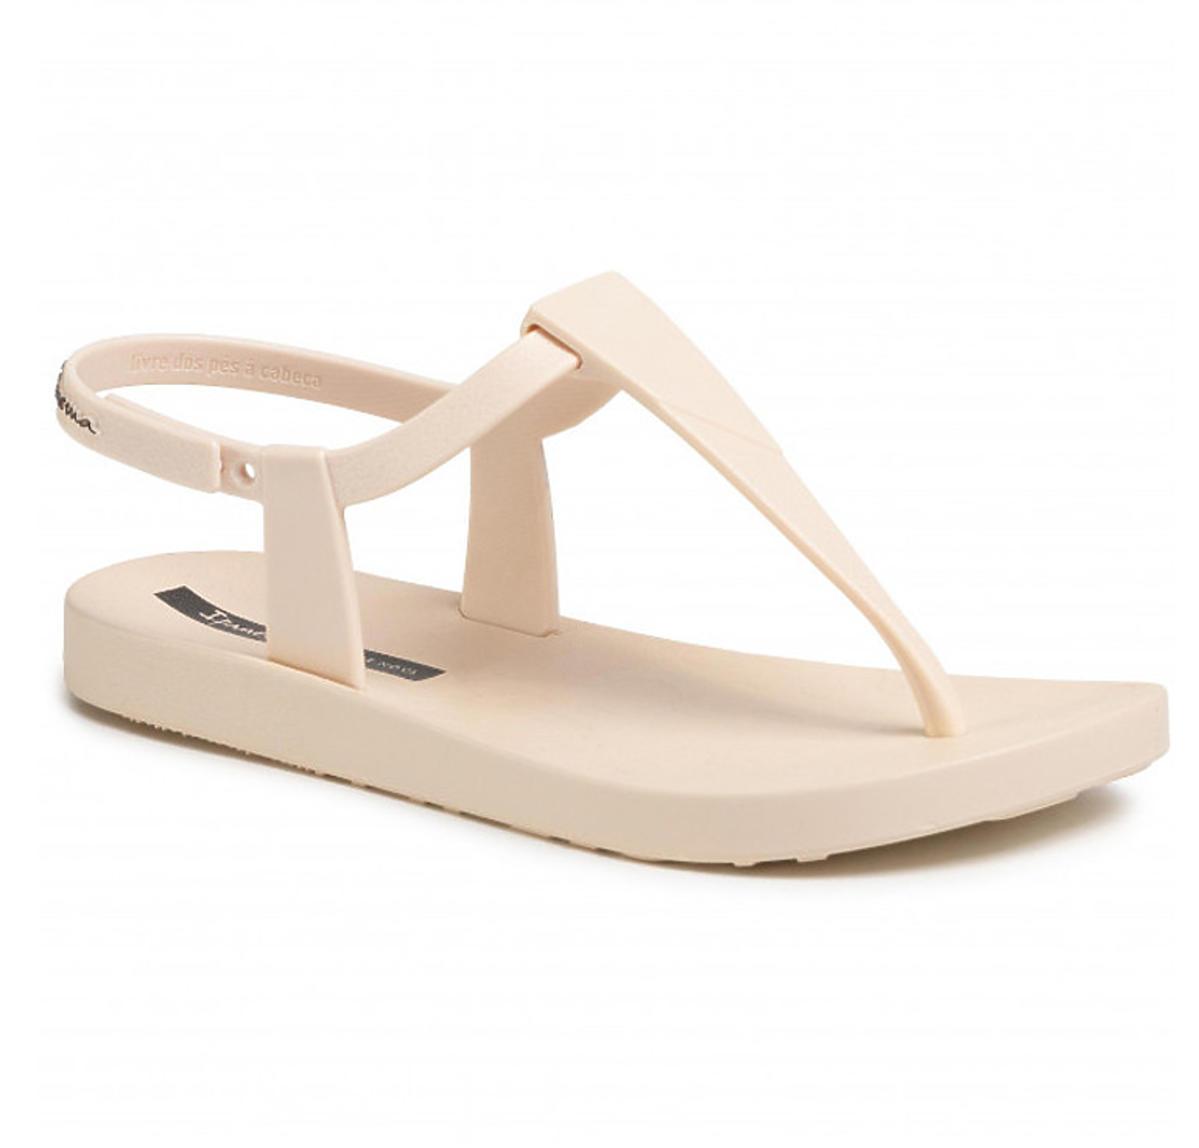 Sandały Ipanema w stylu Natalii Siwiec. Trendy na lato 2020